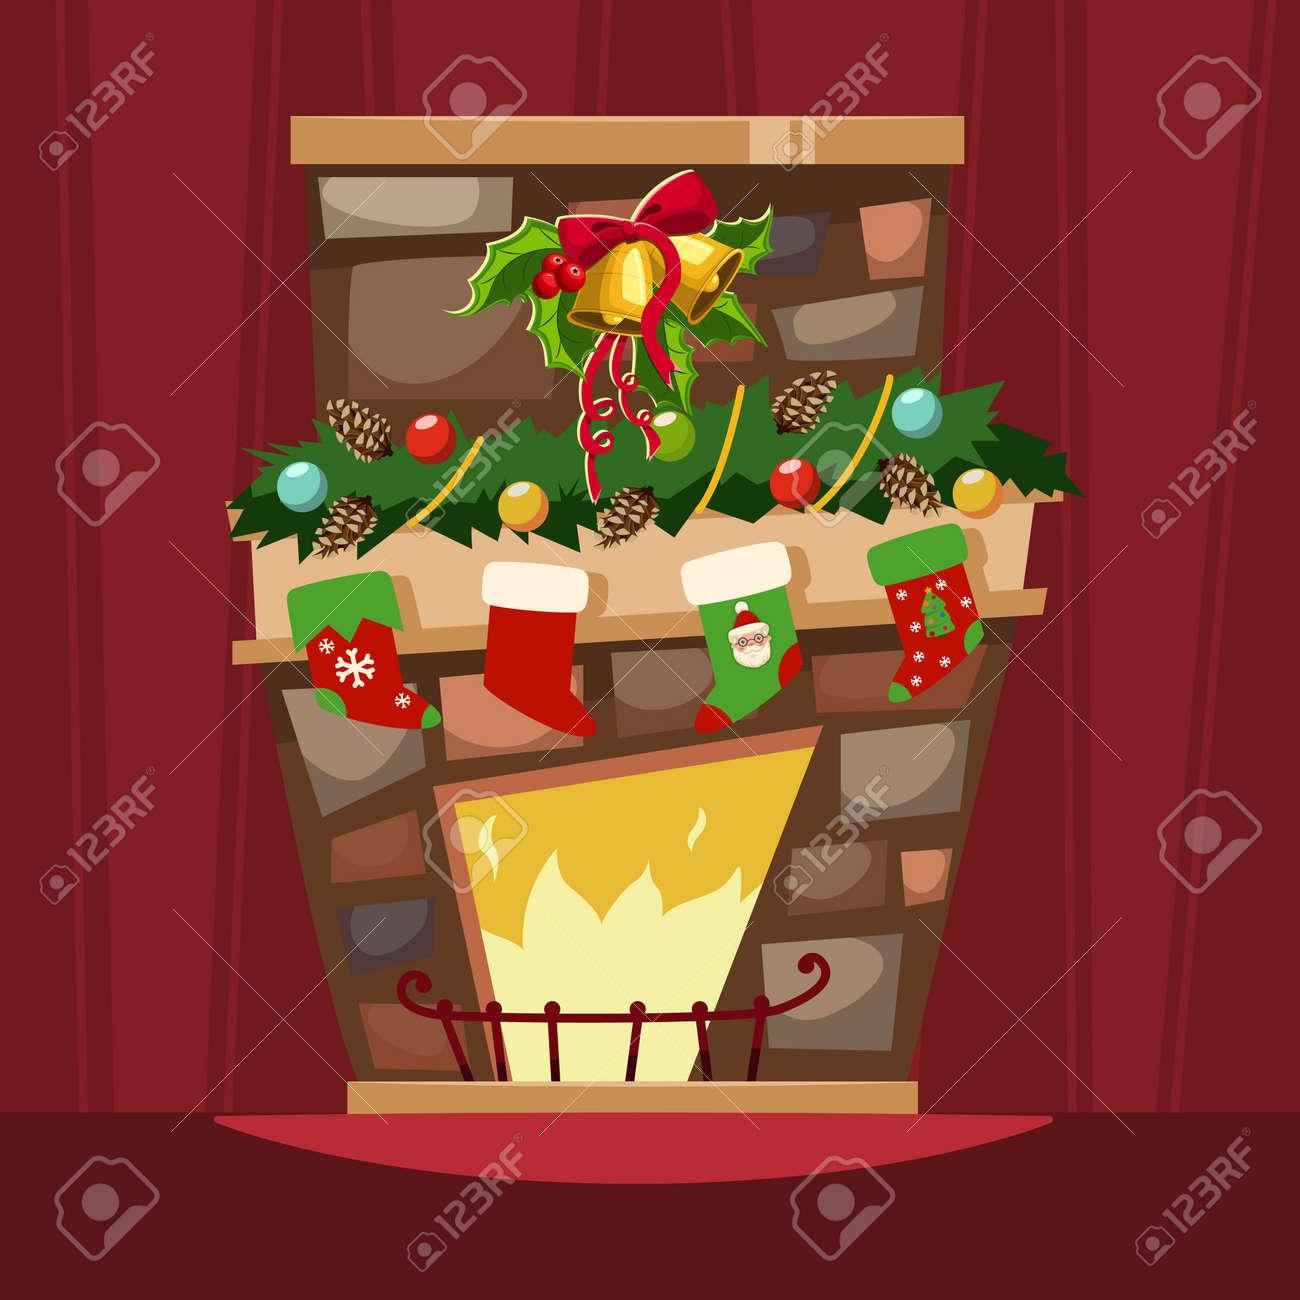 Weihnachtskamin Mit Einem Umhang, Strümpfe Für Geschenke Und ...